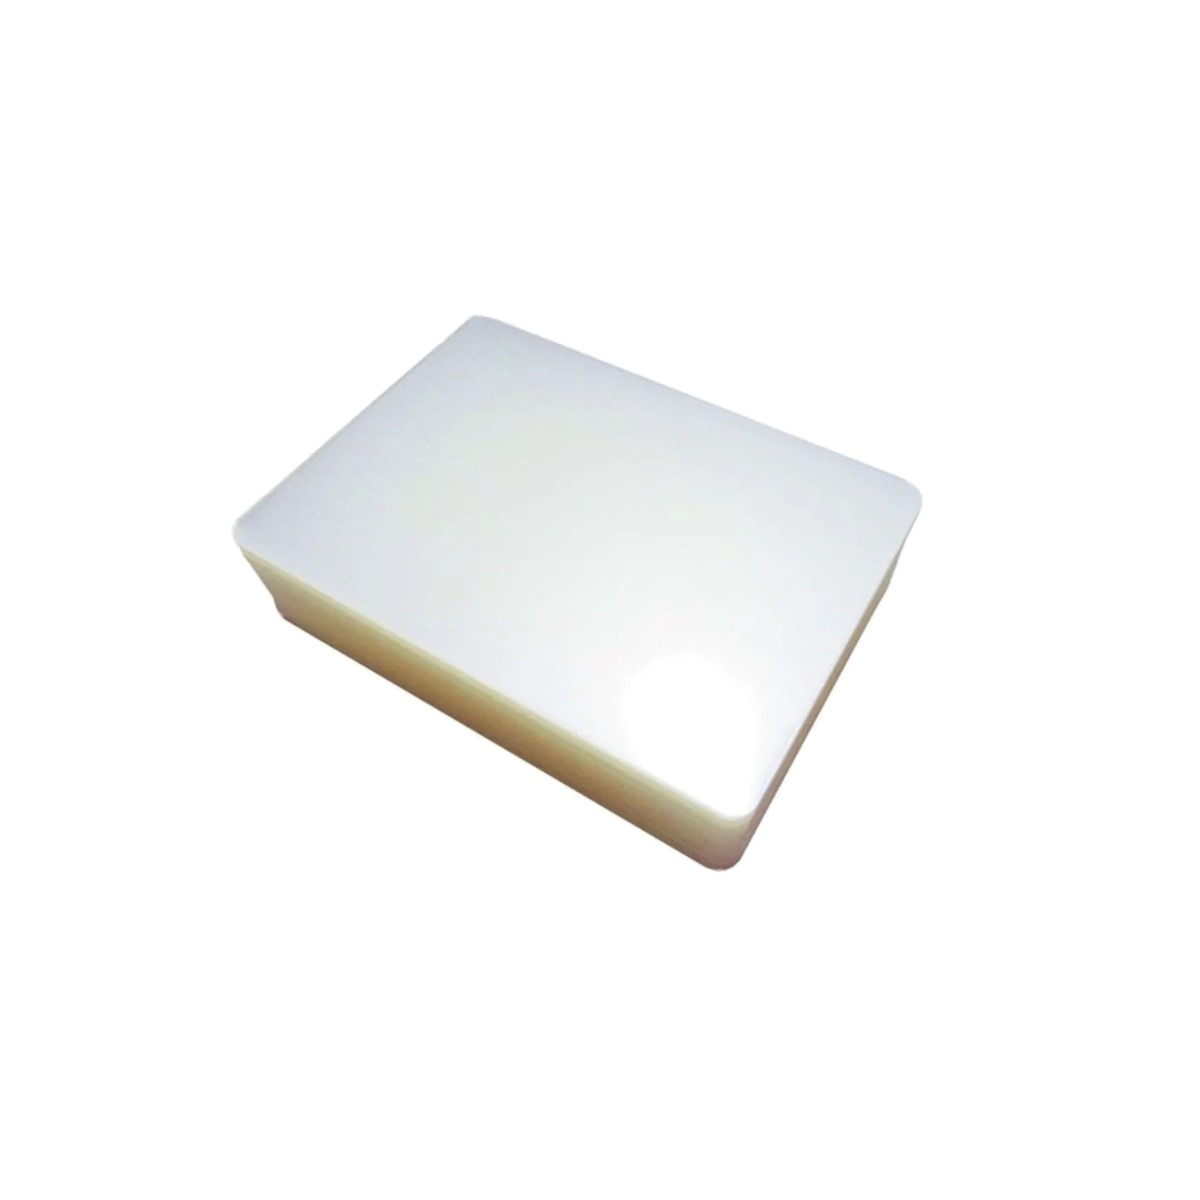 Polaseal plástico para plastificação 1/2 Ofício 170x226 0,07mm 100un